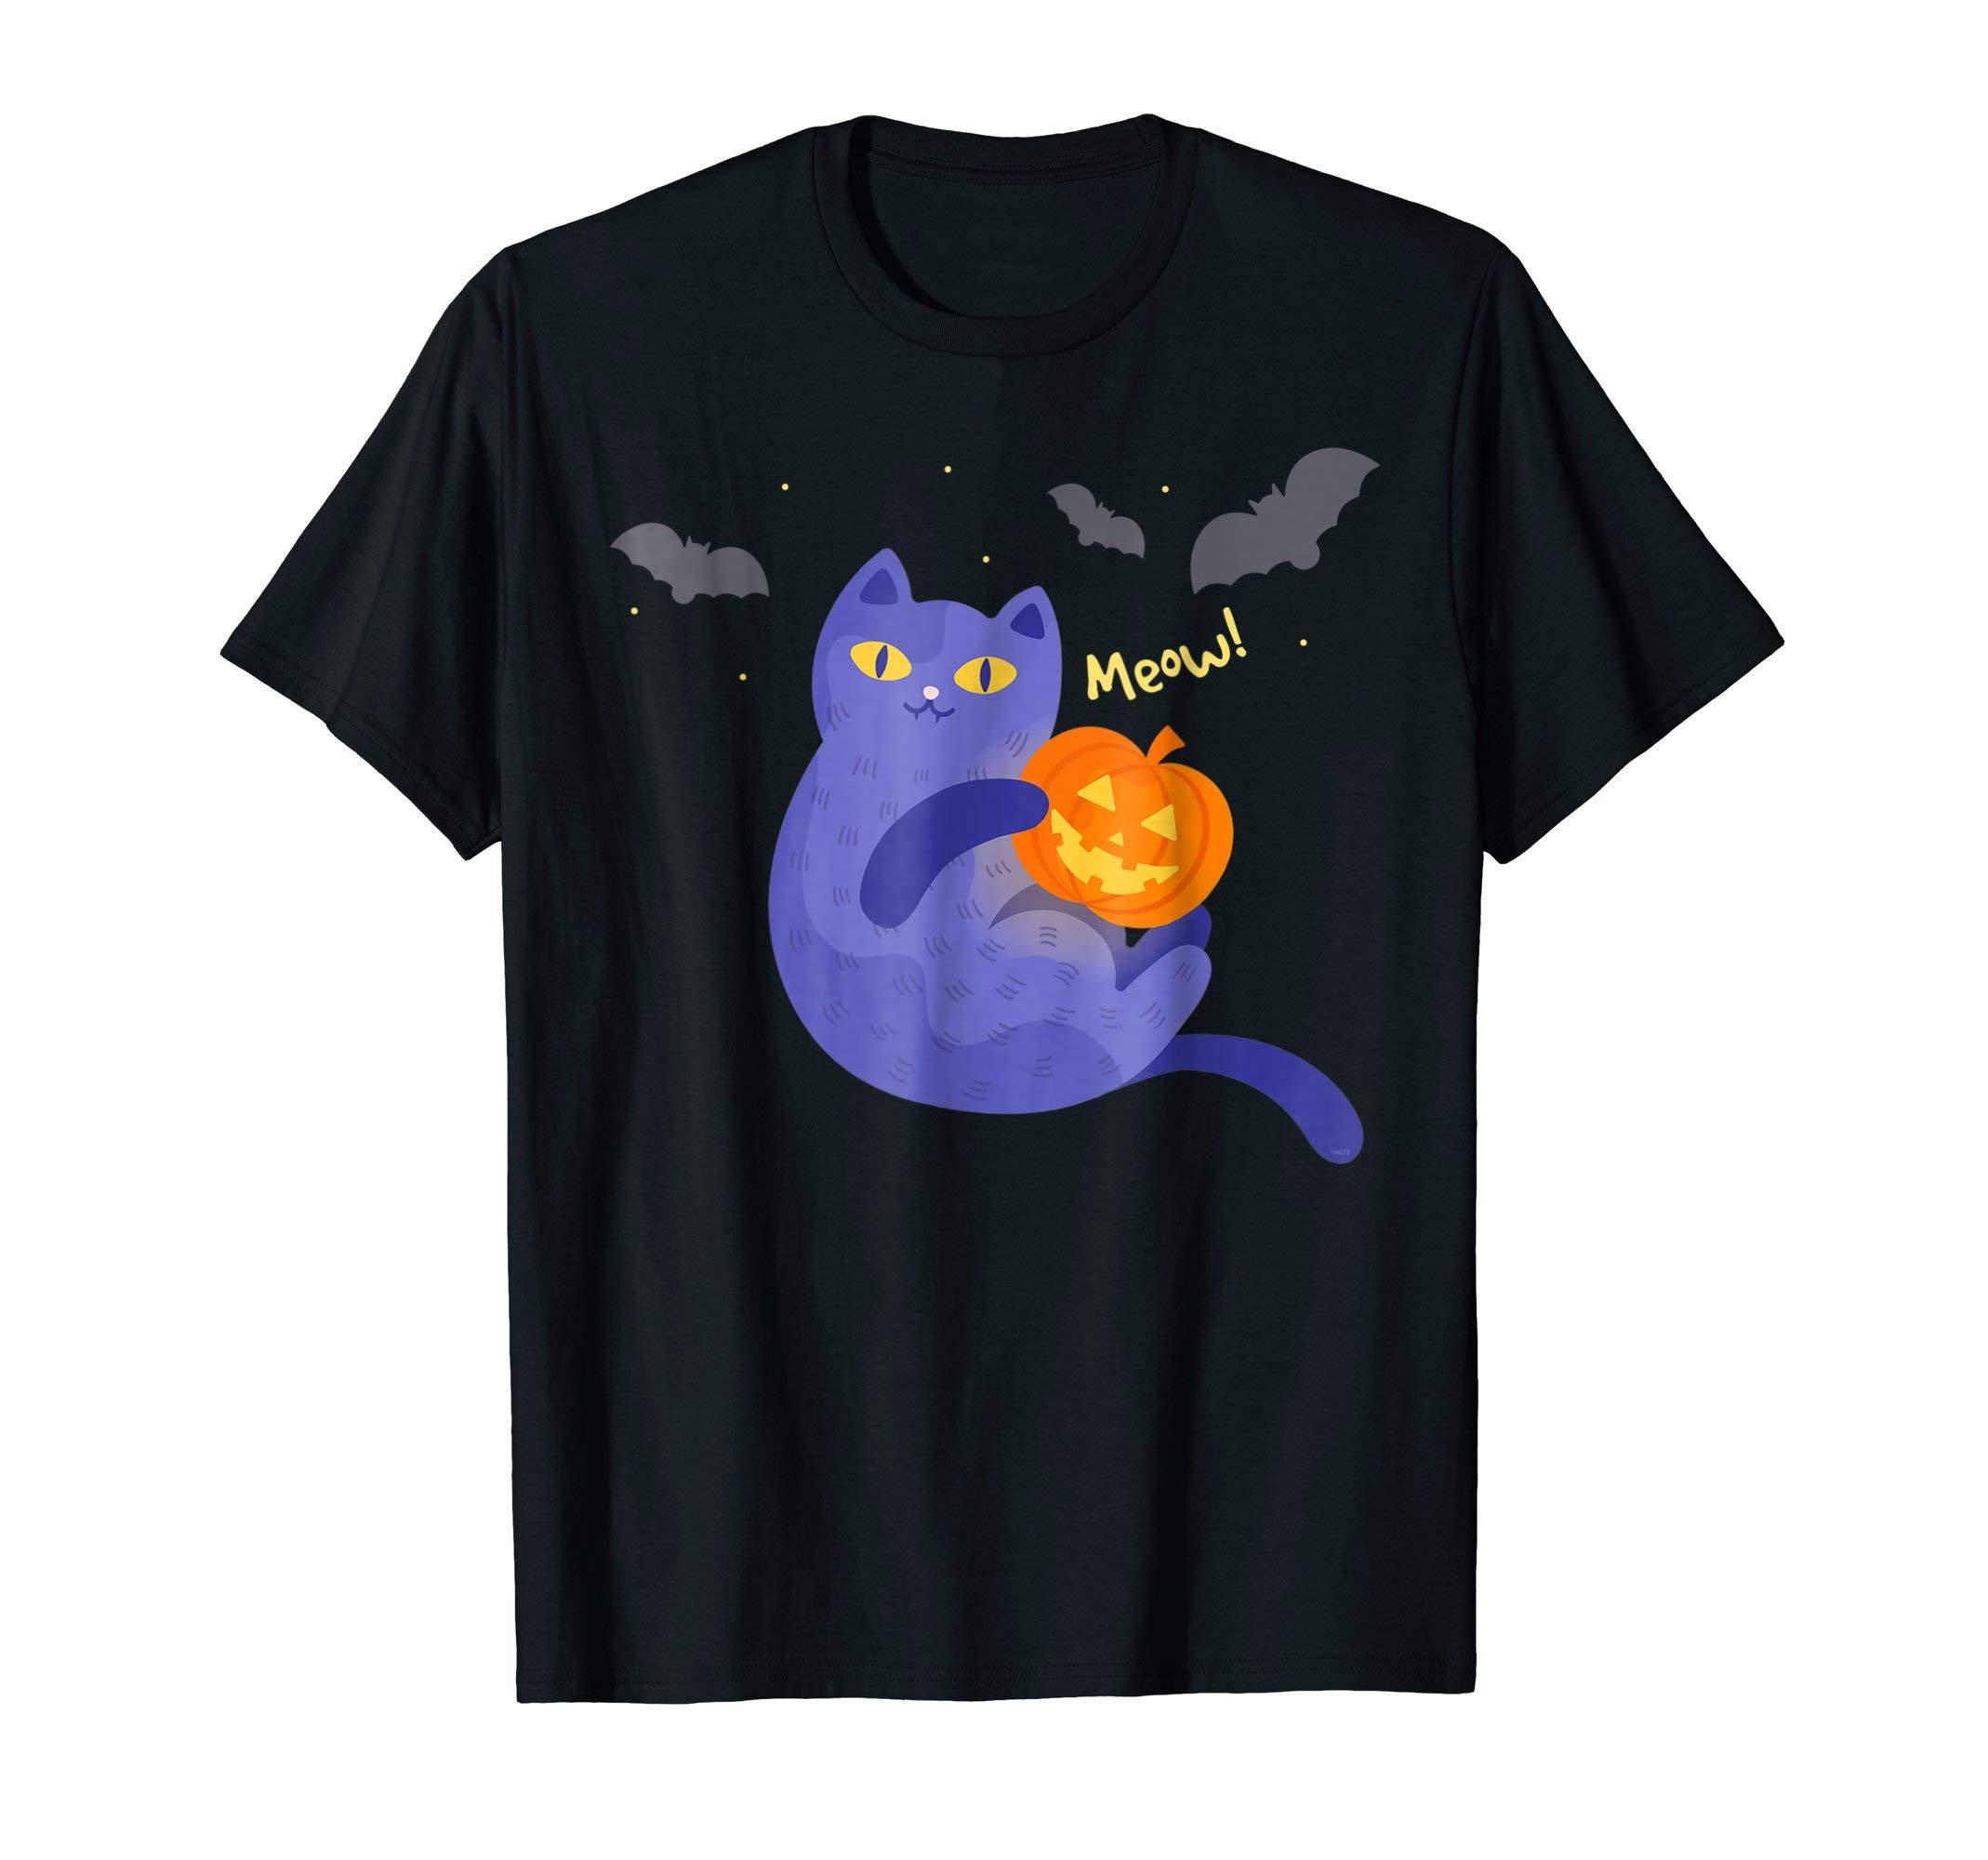 Meow-Halloween-Cat-T-Shirt-Novelty-Tee-Gifts